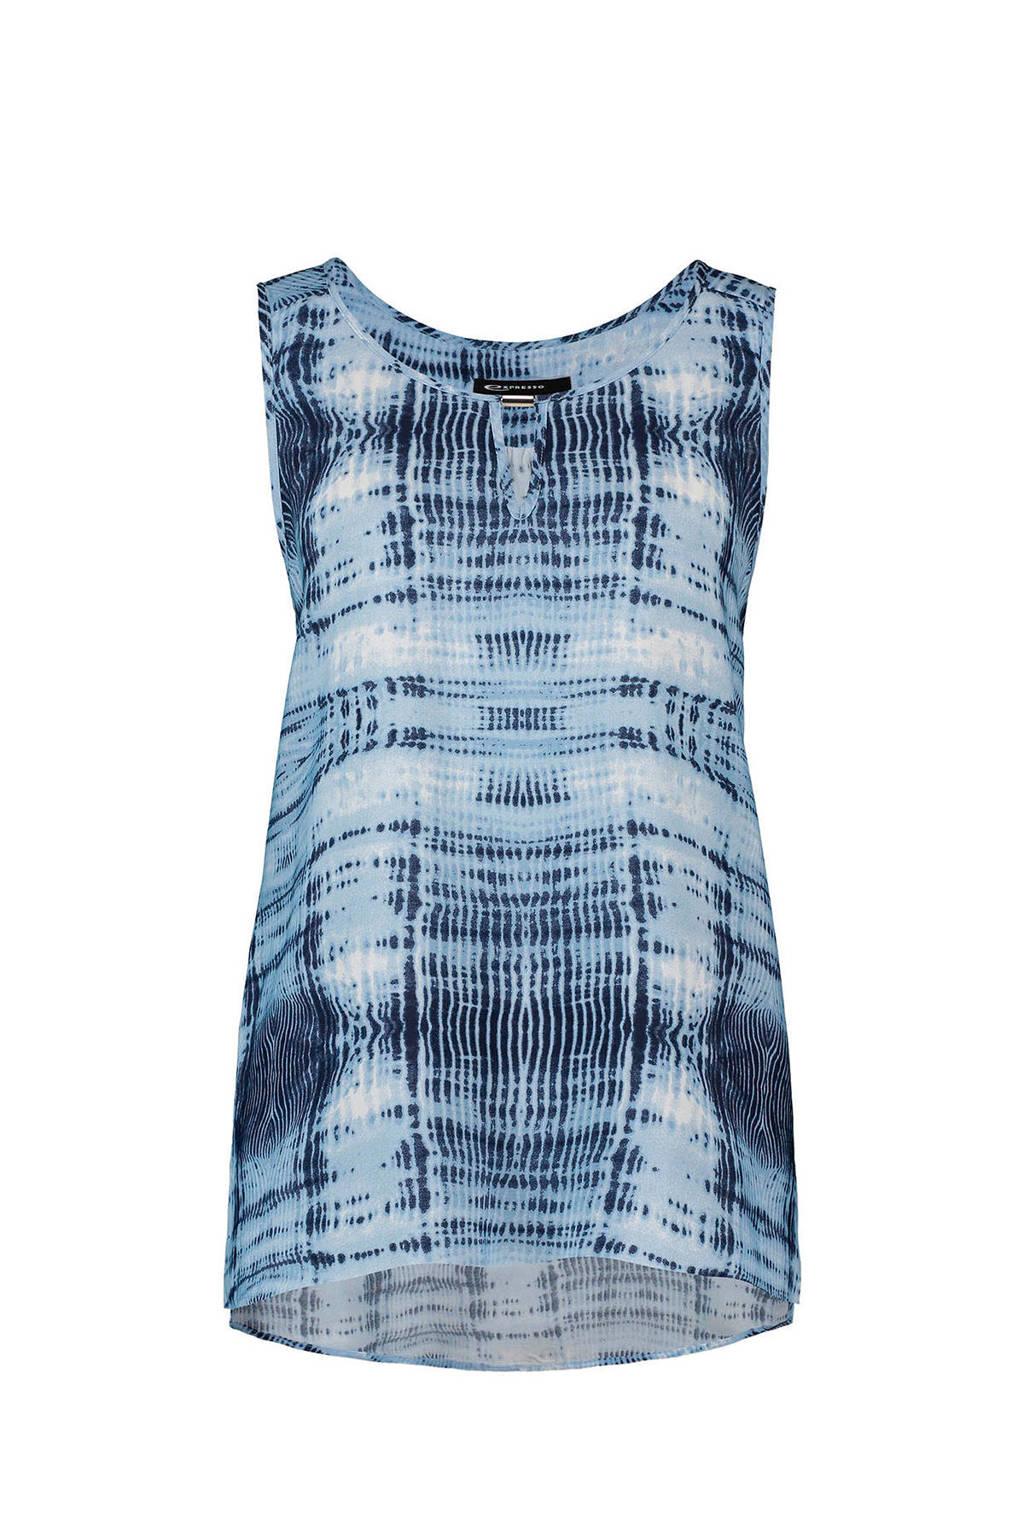 Expresso Gentle top met tie-dye print, Blauw